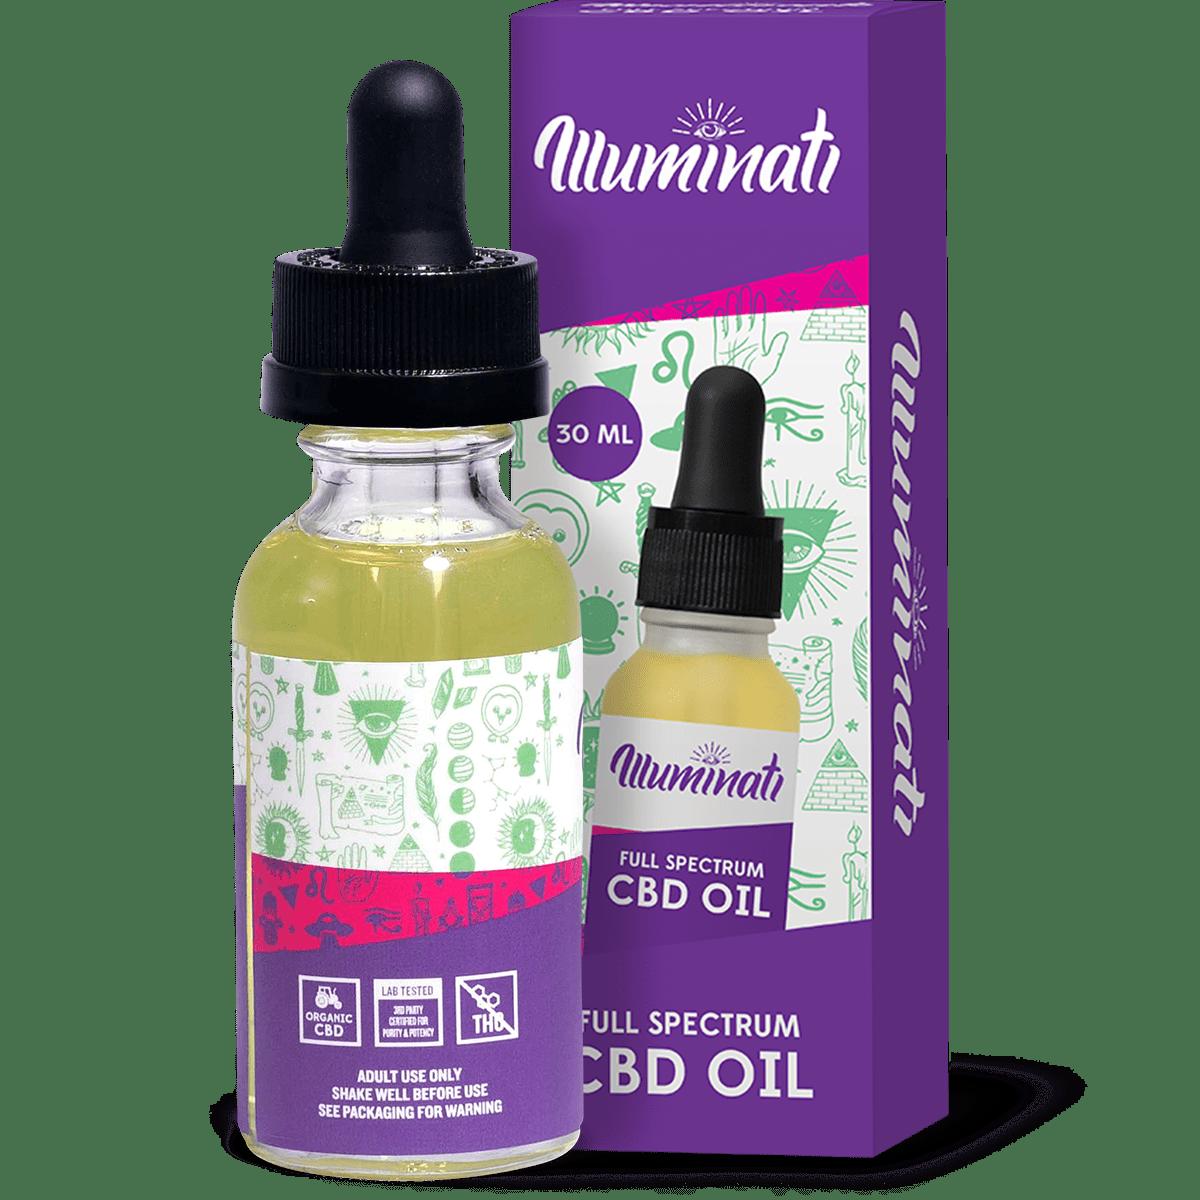 Illuminati Full Spectrum CBD Oil Drops 50mg Back